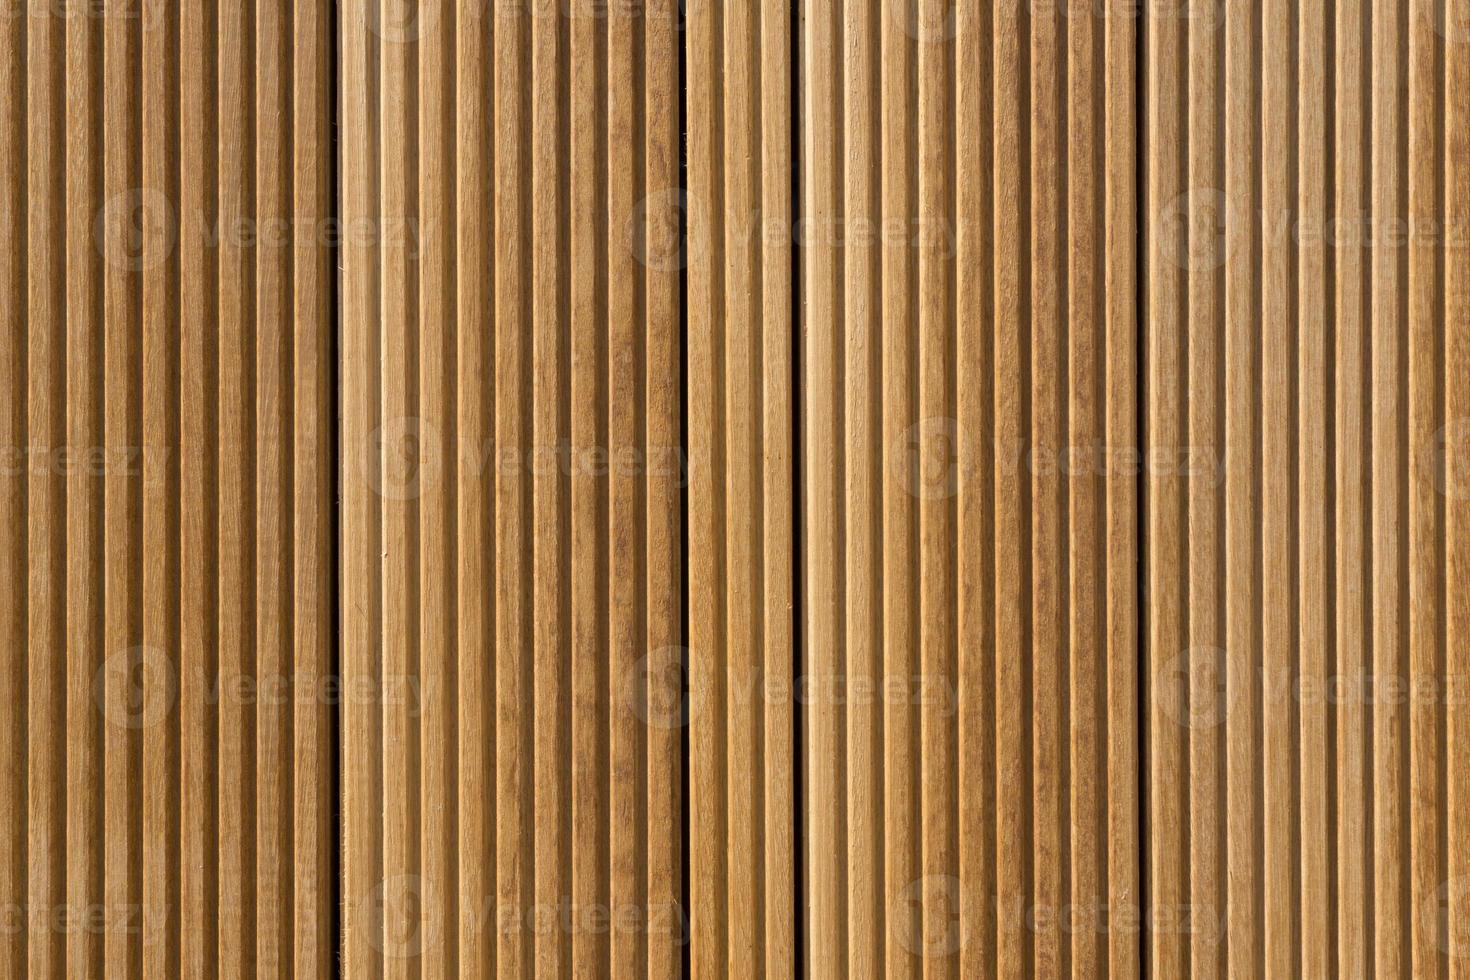 hout, structuur, kopie ruimte foto